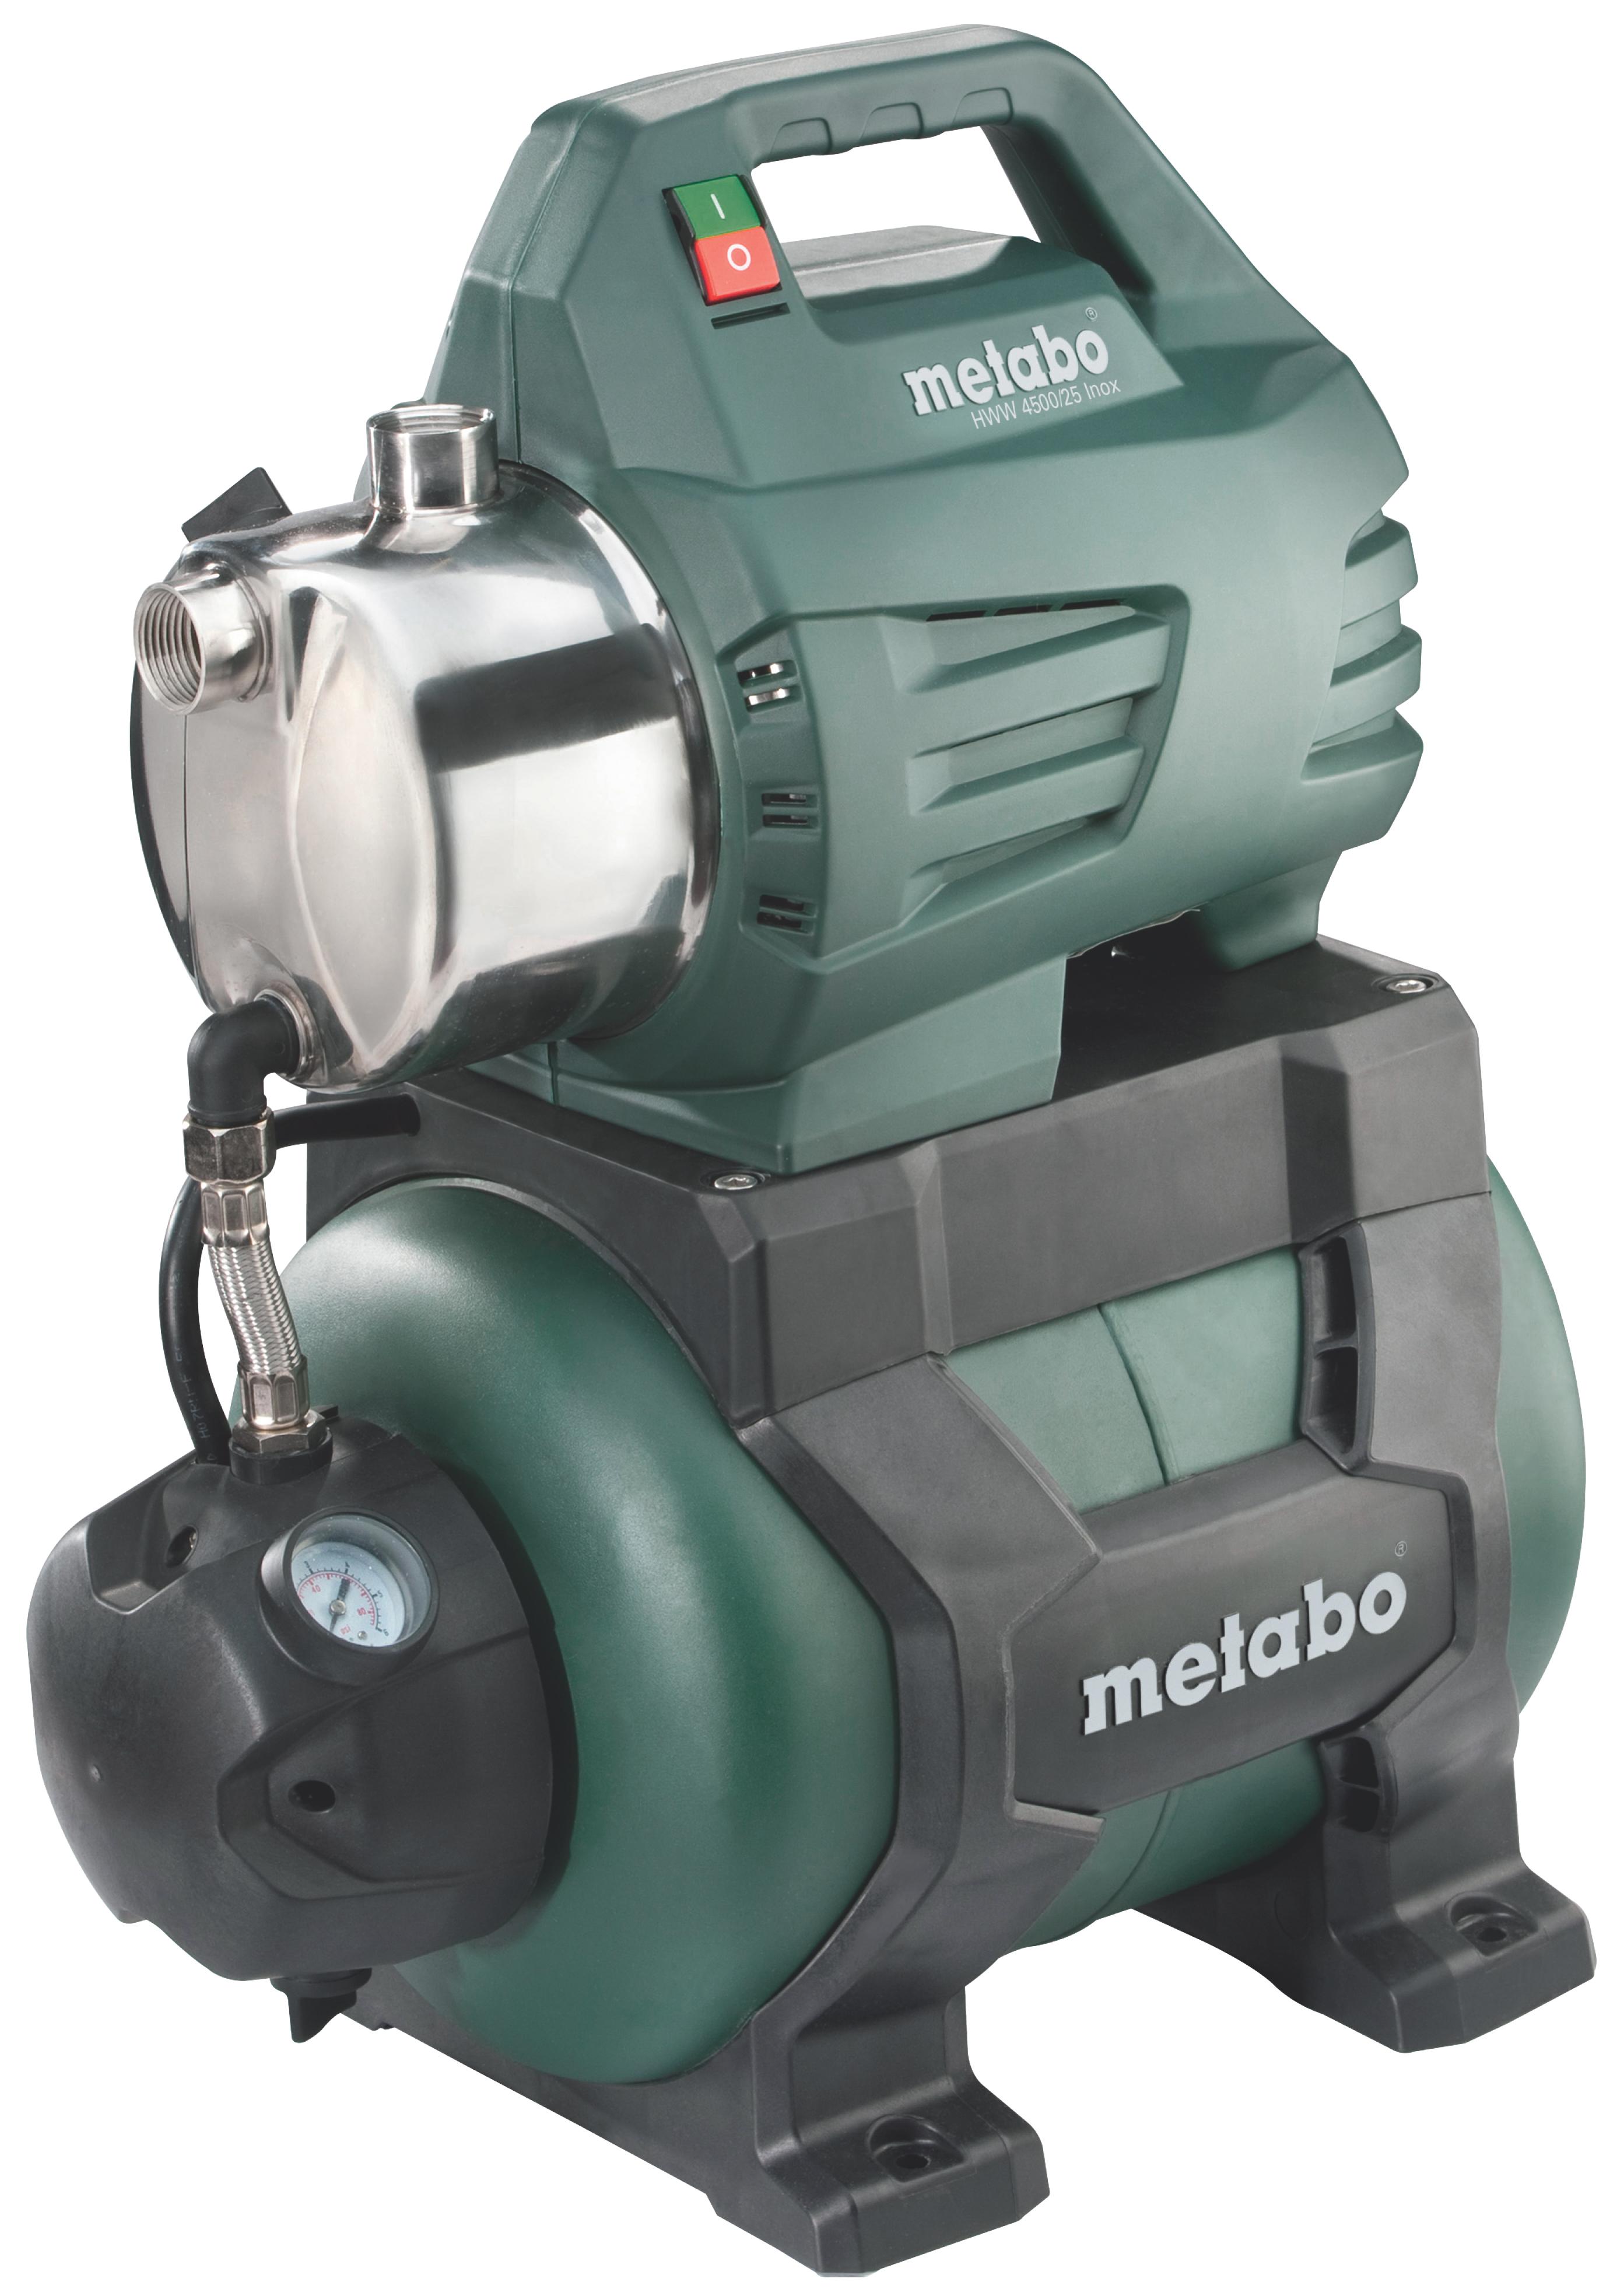 Насос Metabo HWW 4500/25 Inox [600972000]Насосы<br>Комплект поставки:<br>- Metabo HWW 4500/25 Inox<br>- Обратный клапан<br>- Гидроаккумулятор<br>- Манометр<br>- Уплотнительная лента для резьбы<br><br>Особенности модели:<br>- Удобство переноски - Ручка обеспечивает удобство транспортировки насосной станции Metabo HWW 4500/25 Inox.<br>- Точная работа - Манометр позволяет контролировать давление во время работы.<br>- Устойчивость - Насосную станцию можно закрепить с помощью шурупов для устойчивого положения во время работы.<br><br>Преимущества:<br>- Аппарат для автоматического водоснабжения, ирригации садовых участков с помощью 1 или 3 дождевальных установок...<br><br>Потребляемая мощность: 1300 Вт